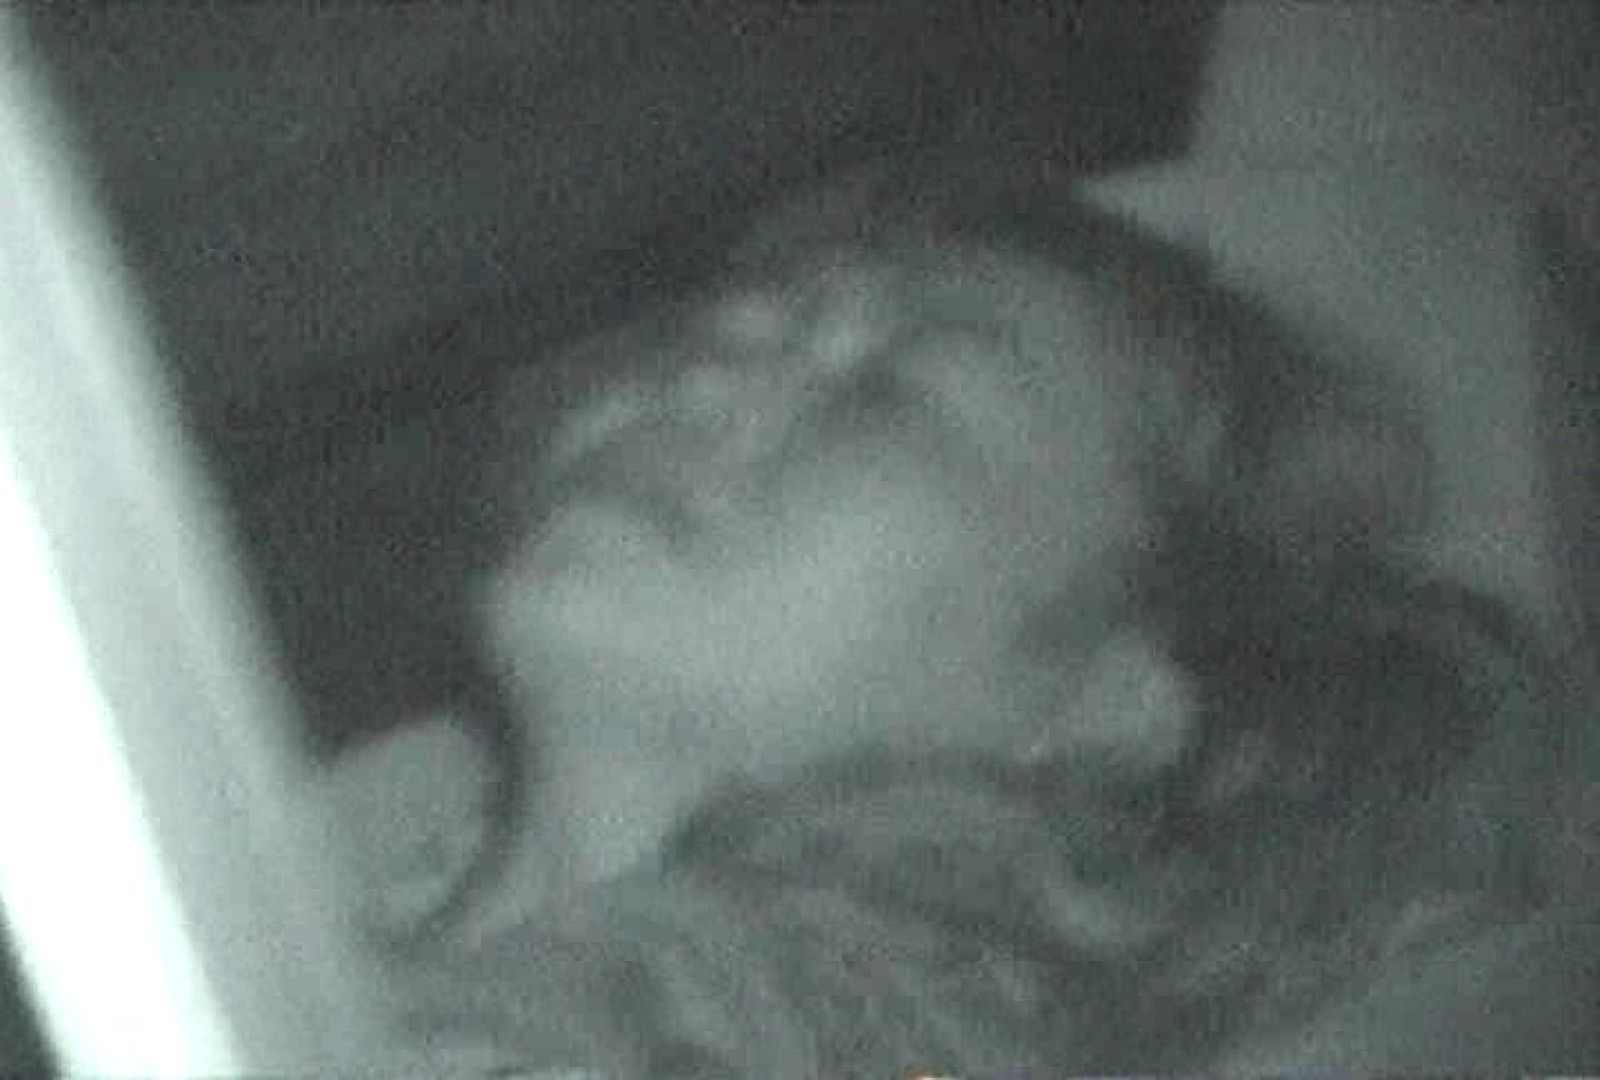 充血監督の深夜の運動会Vol.89 カップル   独身エッチOL  97pic 87